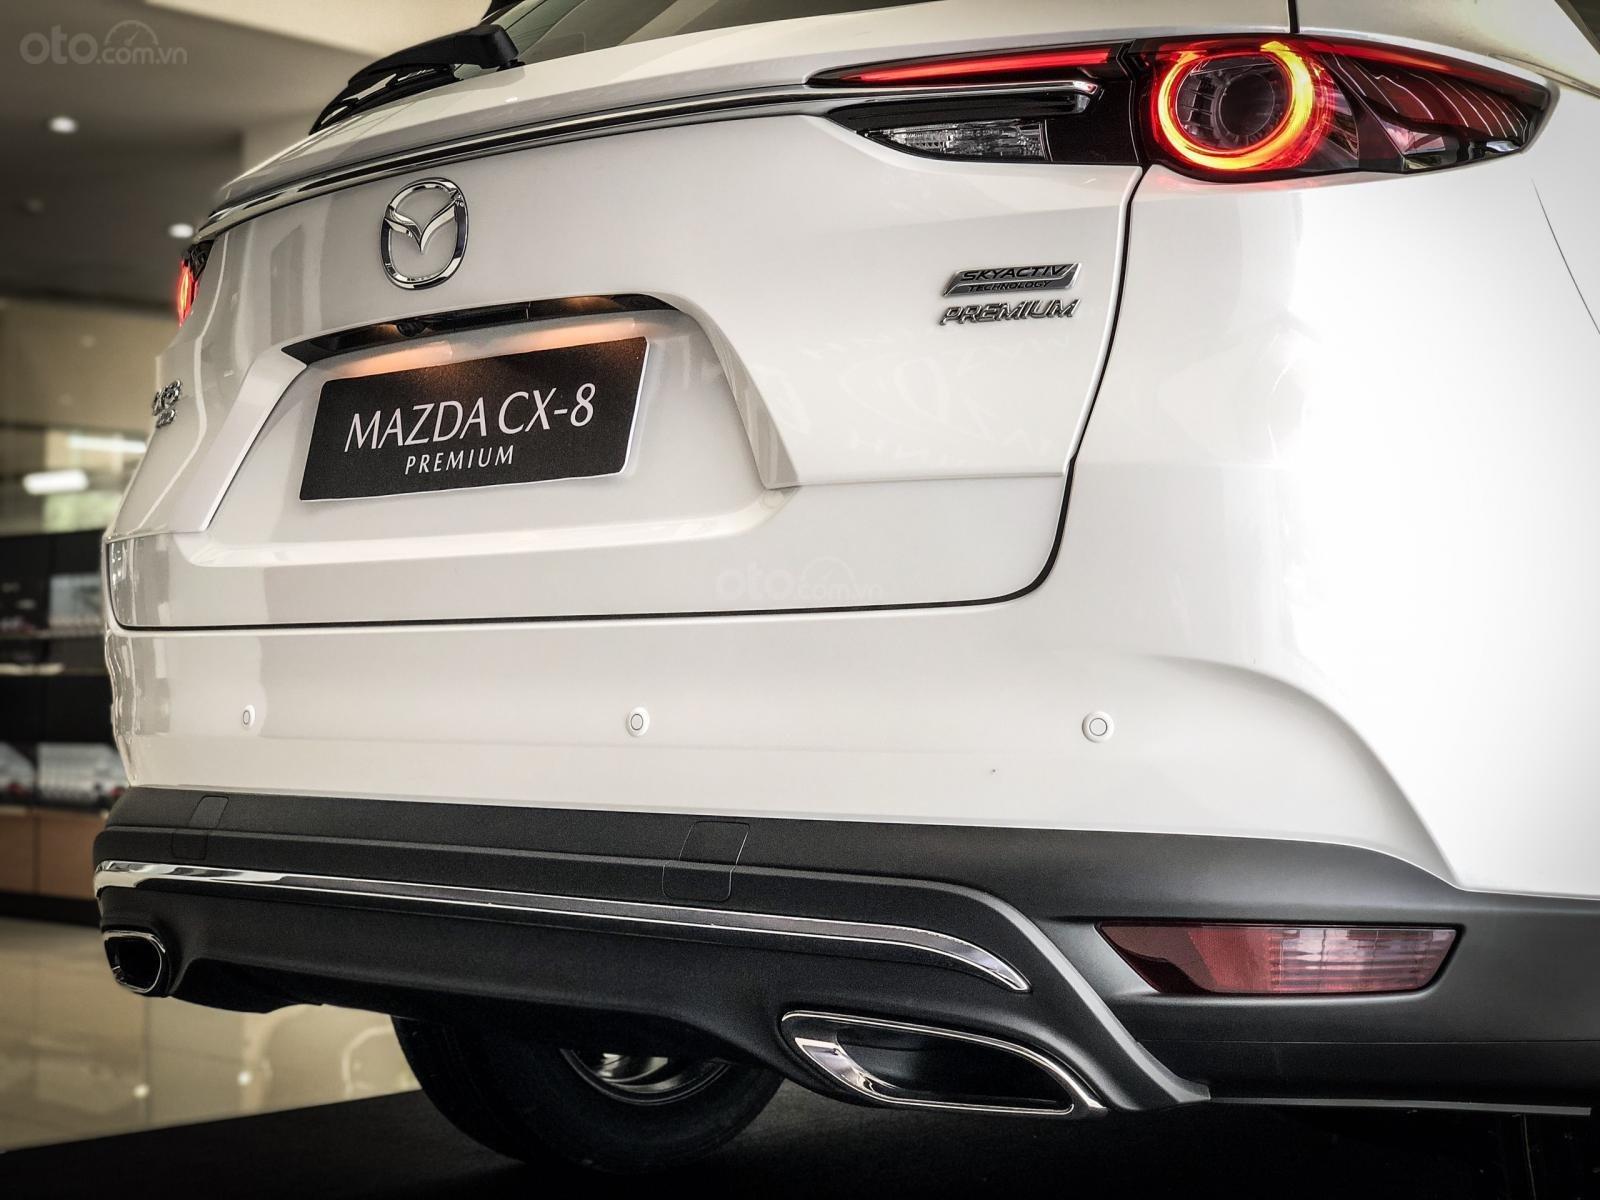 Mazda SUV 7 chỗ CX8 đủ màu, giảm giá + quà tặng, chỉ 314tr nhận xe ngay- Hỗ trợ mọi thủ tục và giao xe tận nhà (5)